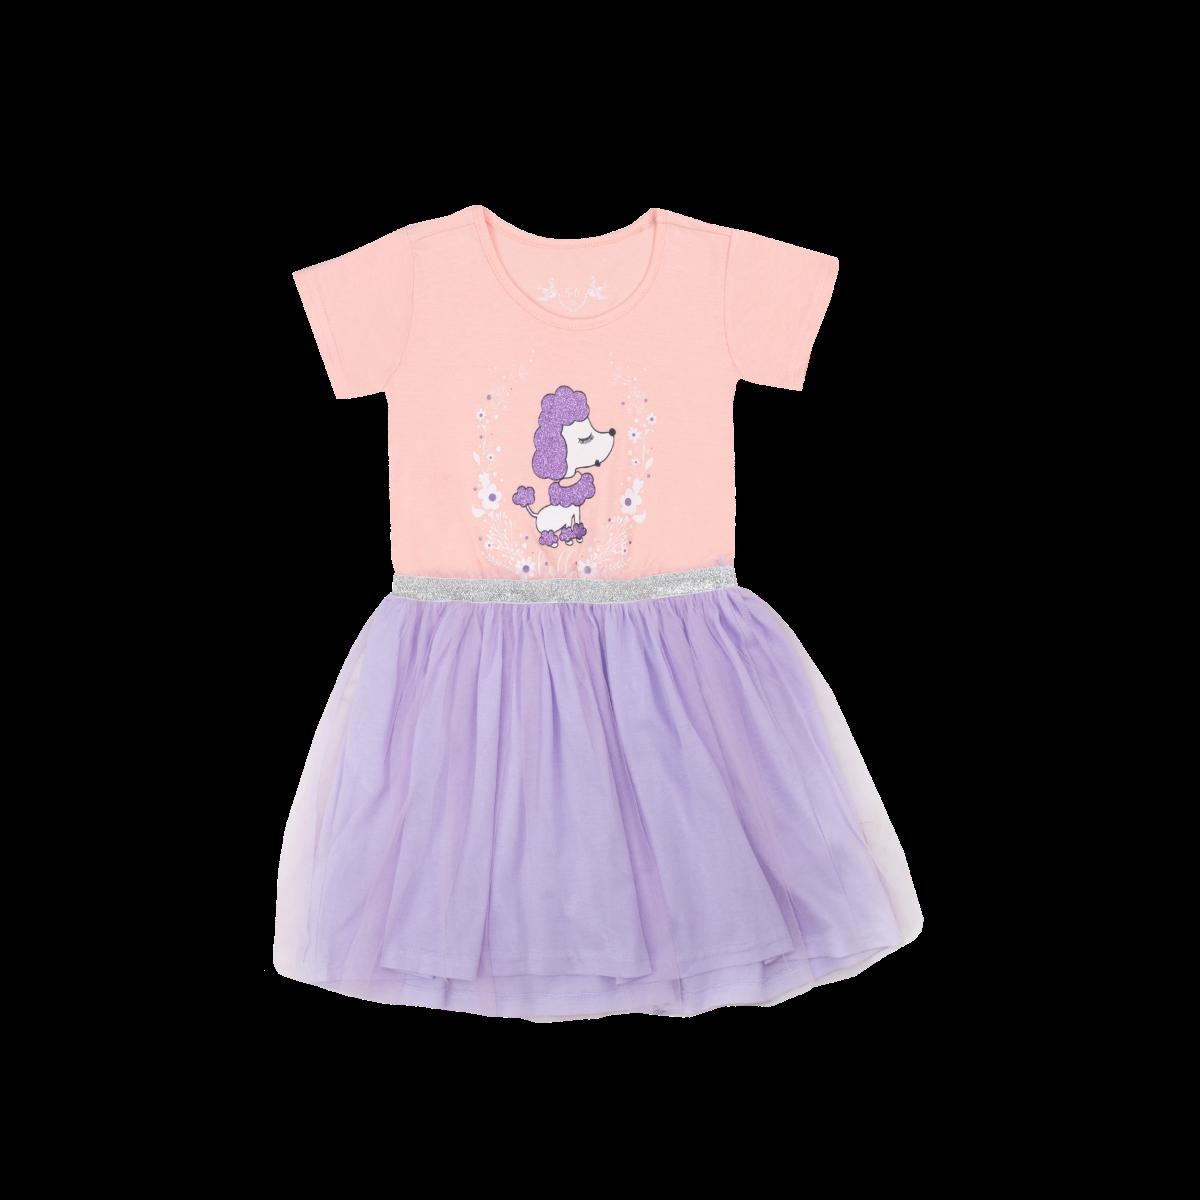 Dekliška obleka, svetlo vijolična